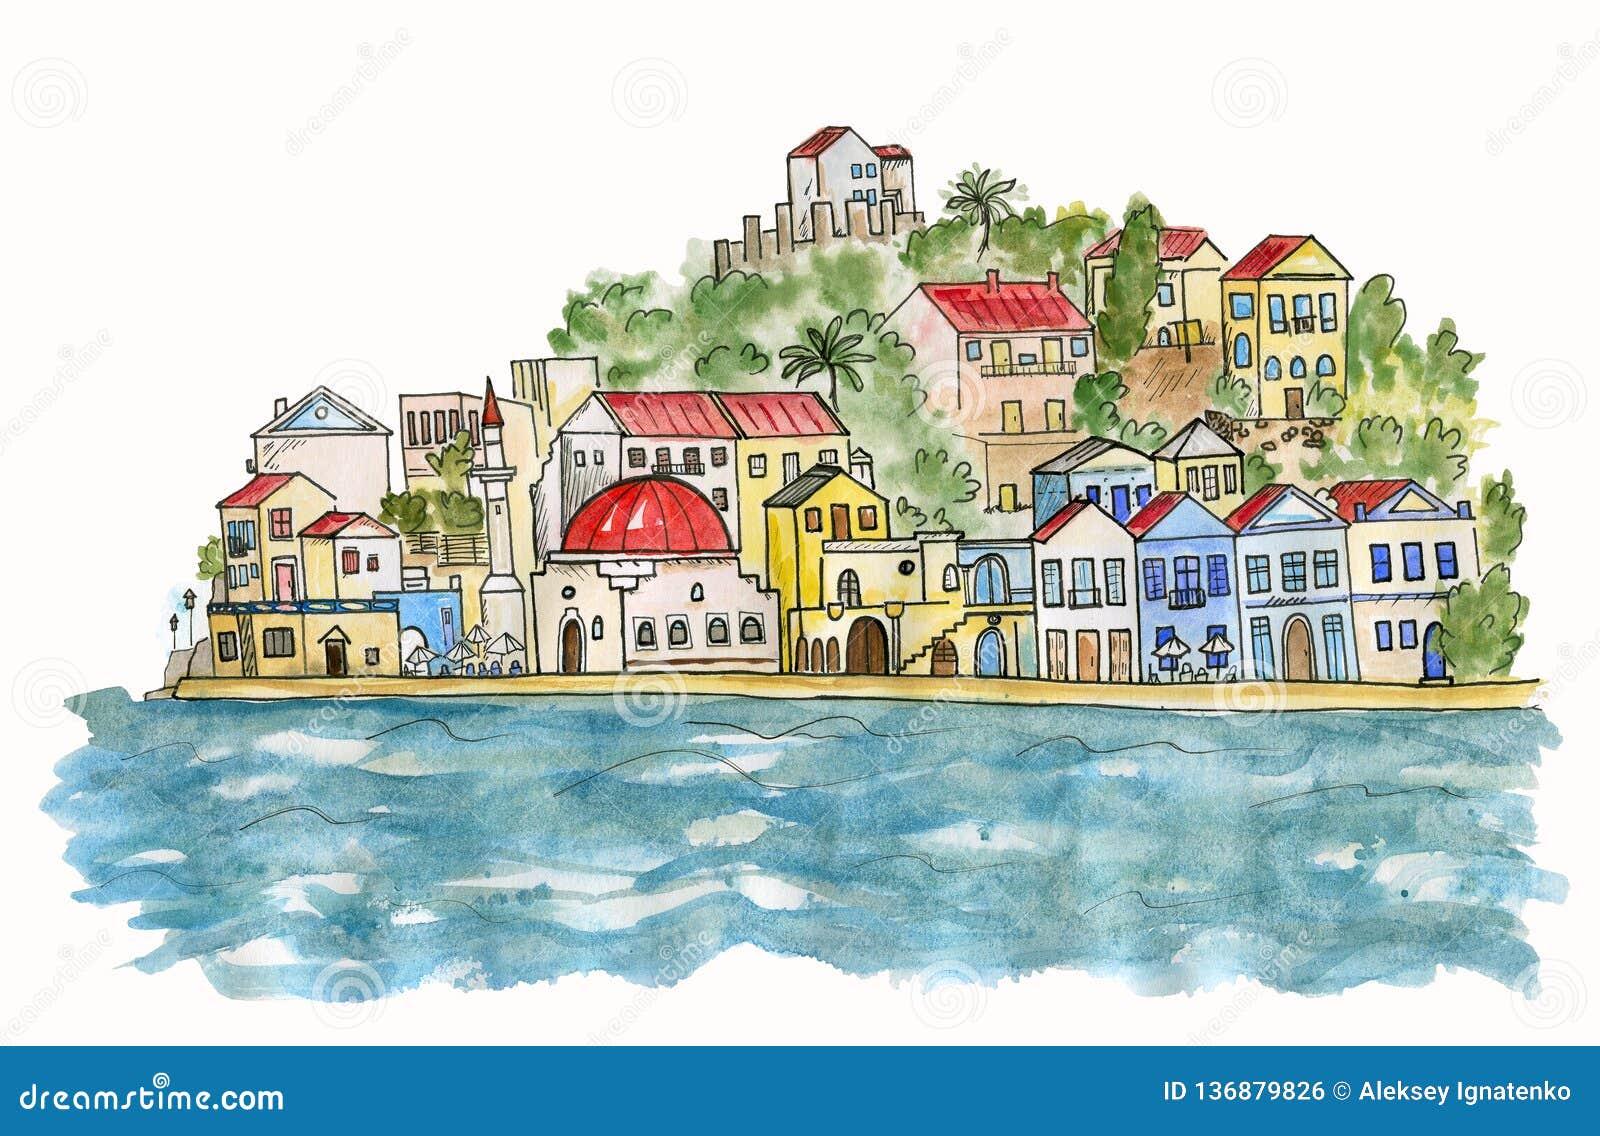 Νότια πόλη θαλασσίως η διακοσμητική εικόνα απεικόνισης πετάγματος ραμφών το κομμάτι εγγράφου της καταπίνει το watercolor